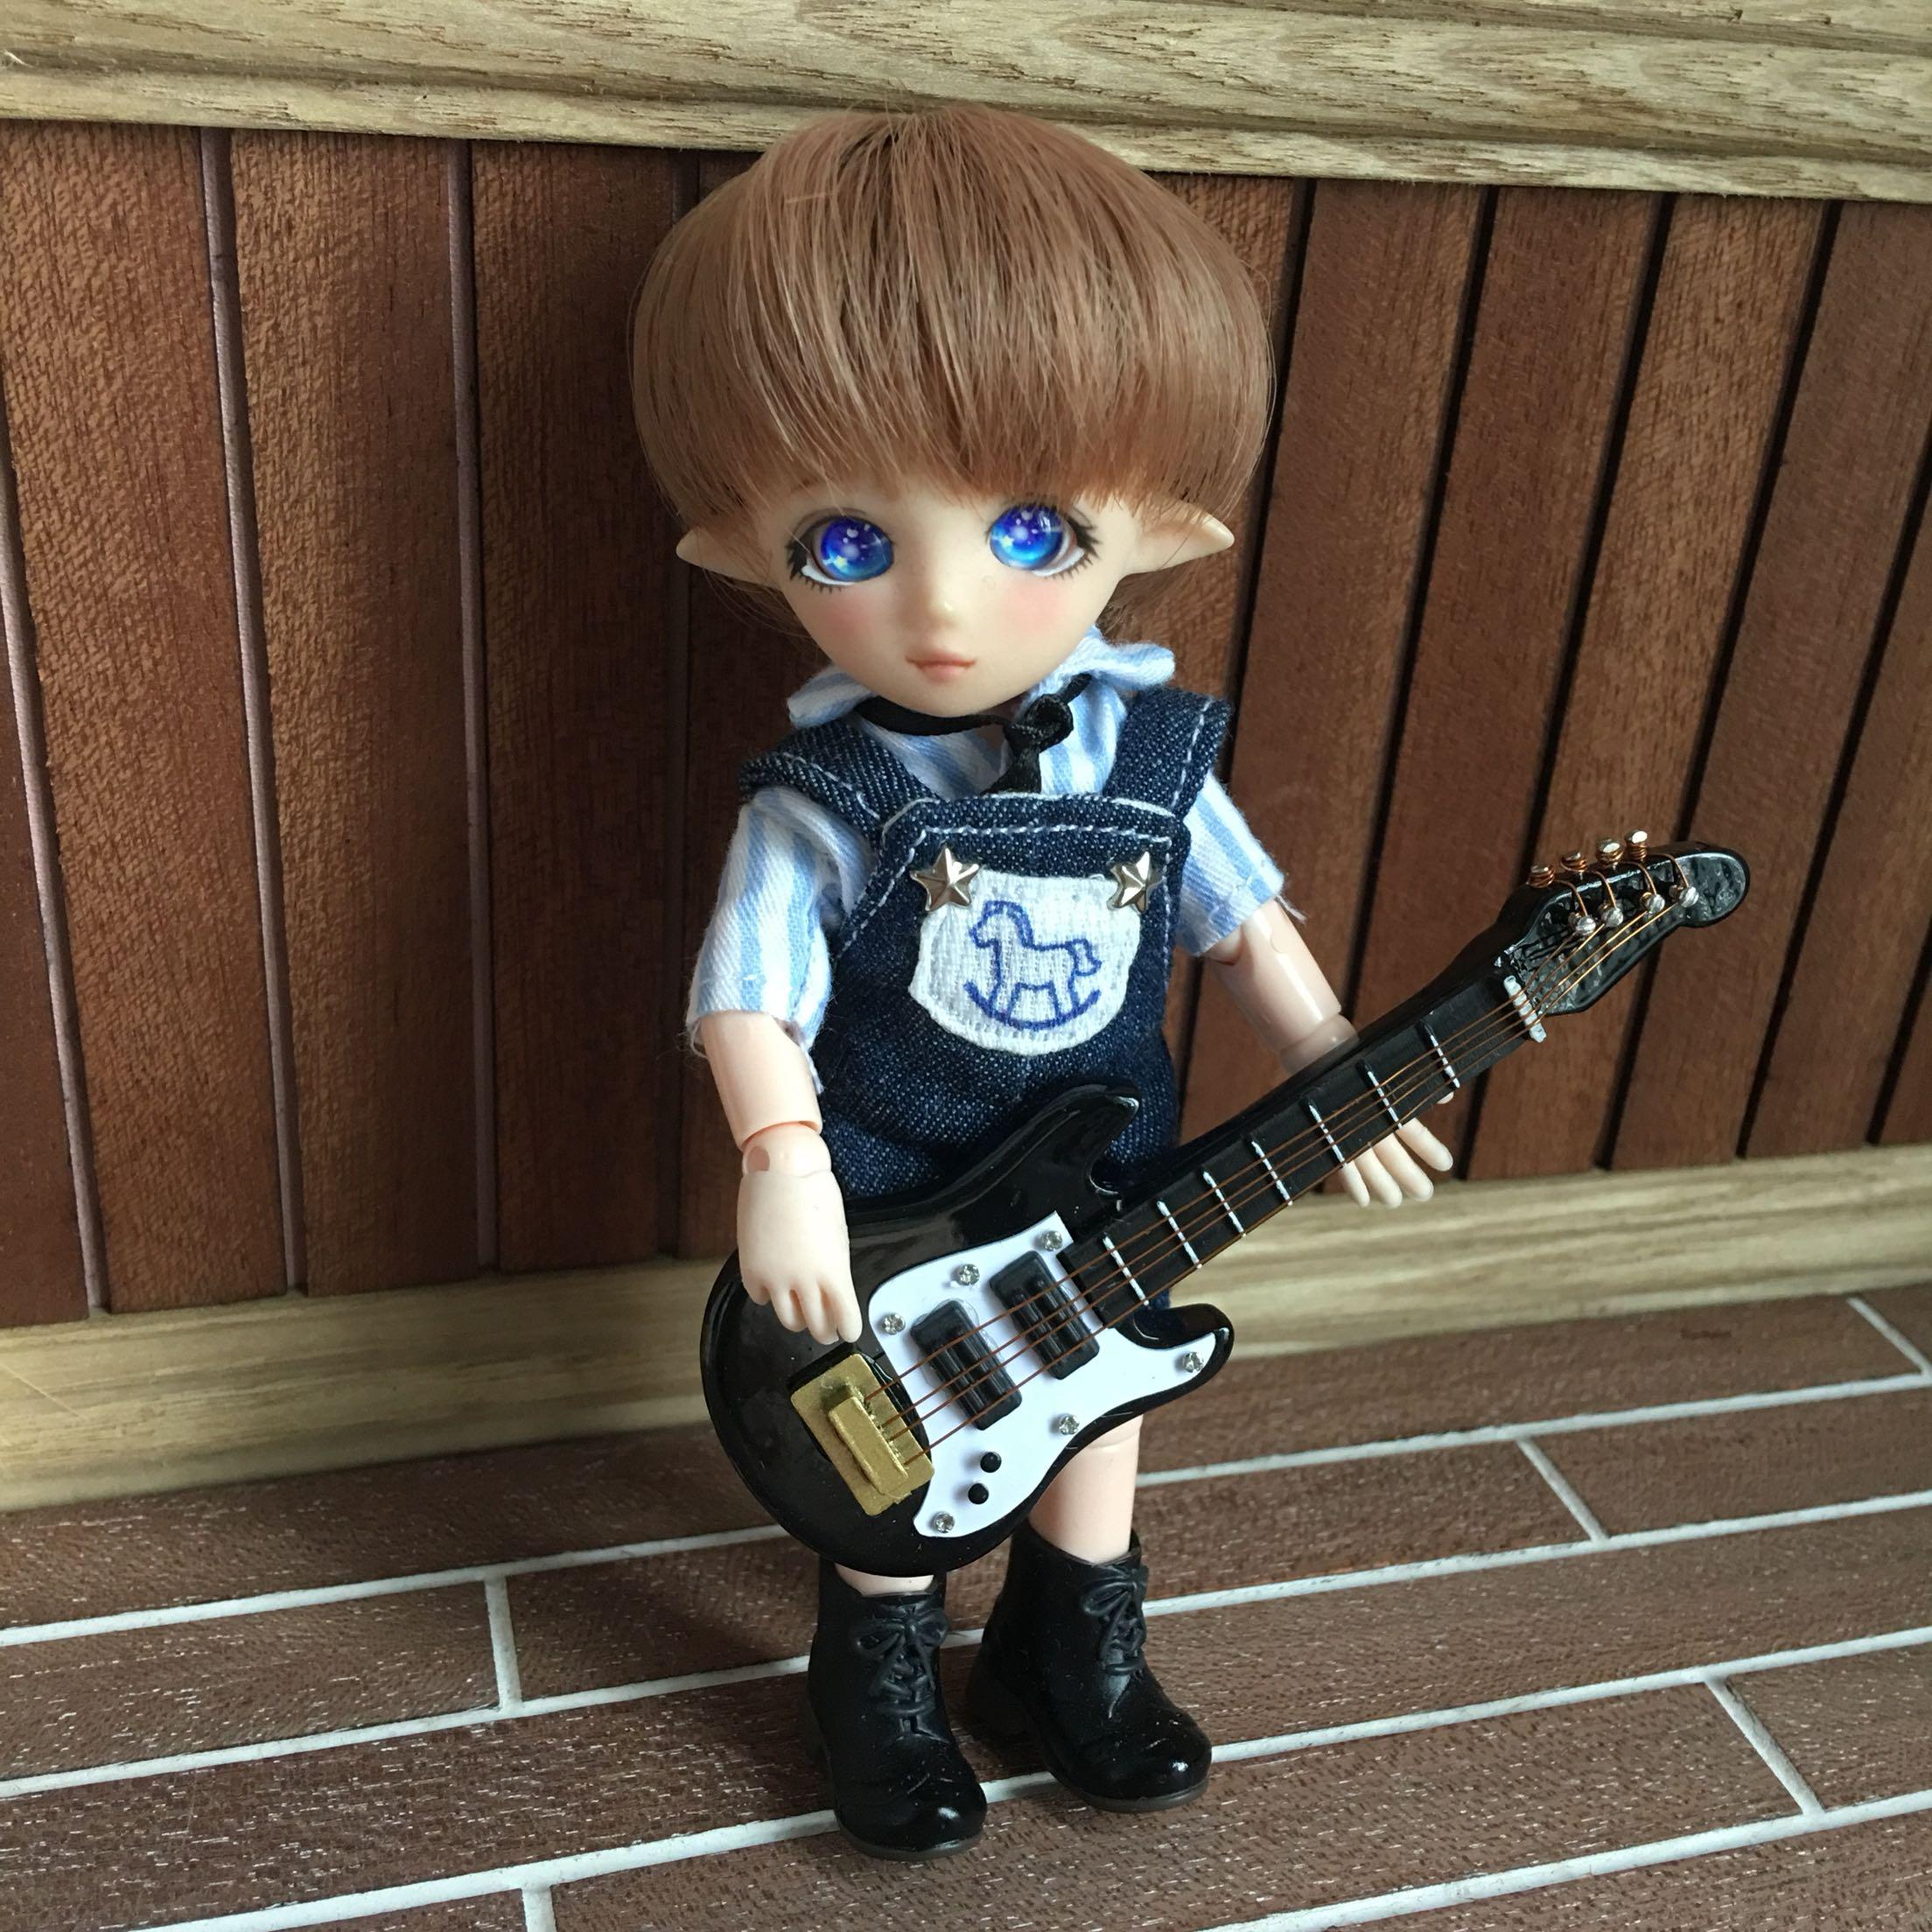 乐器1ob11bjd12道具娃娃12迷你件屋摆贝斯迷你吉他仿真:沙龙